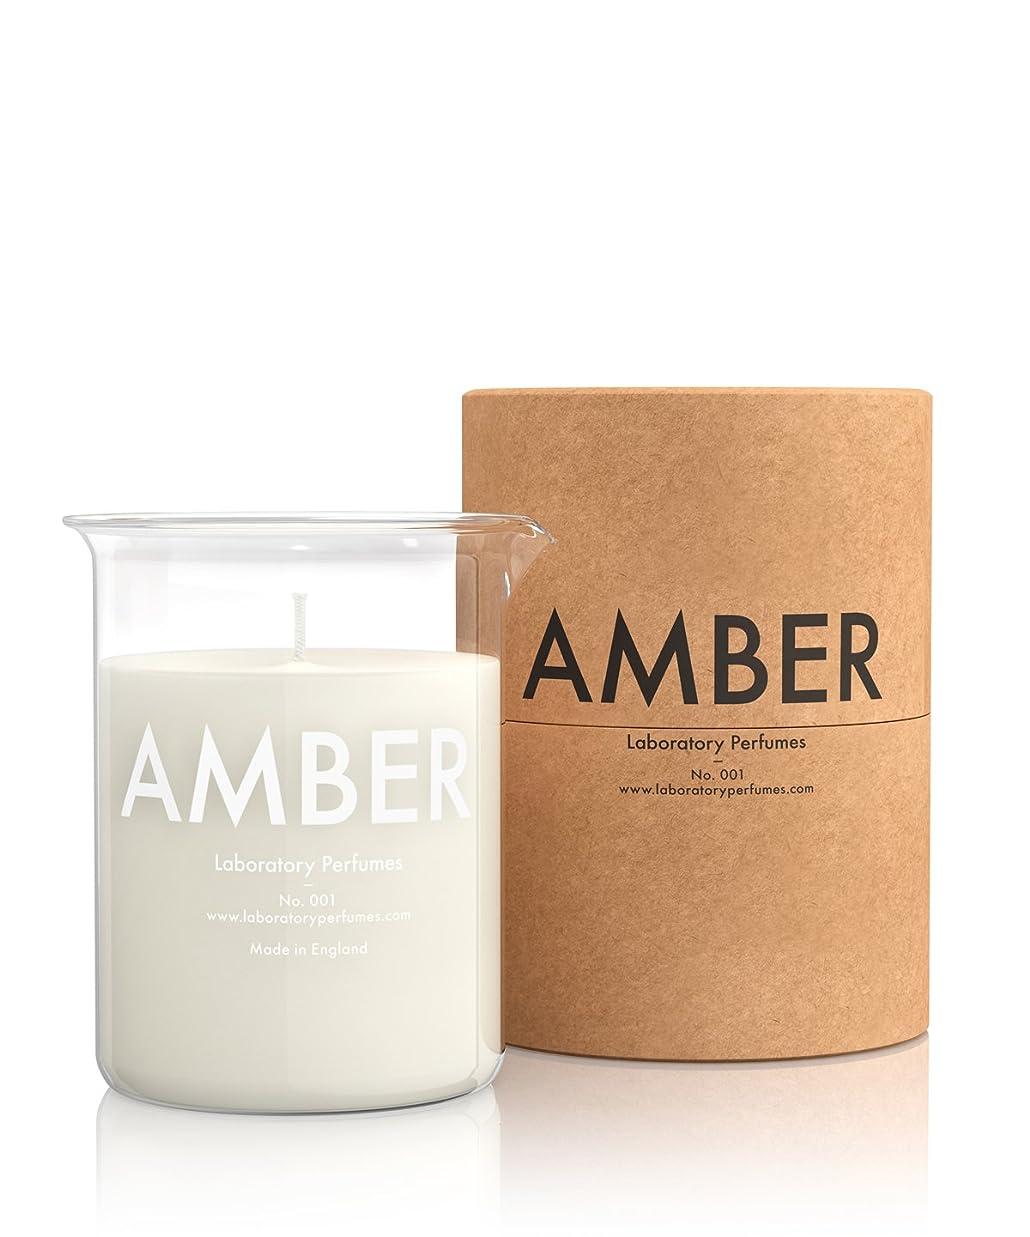 ピュー救援滑りやすいLabortory Perfumes キャンドル アンバー Amber (フローラルウッディー Floral Woody) Candle ラボラトリー パフューム